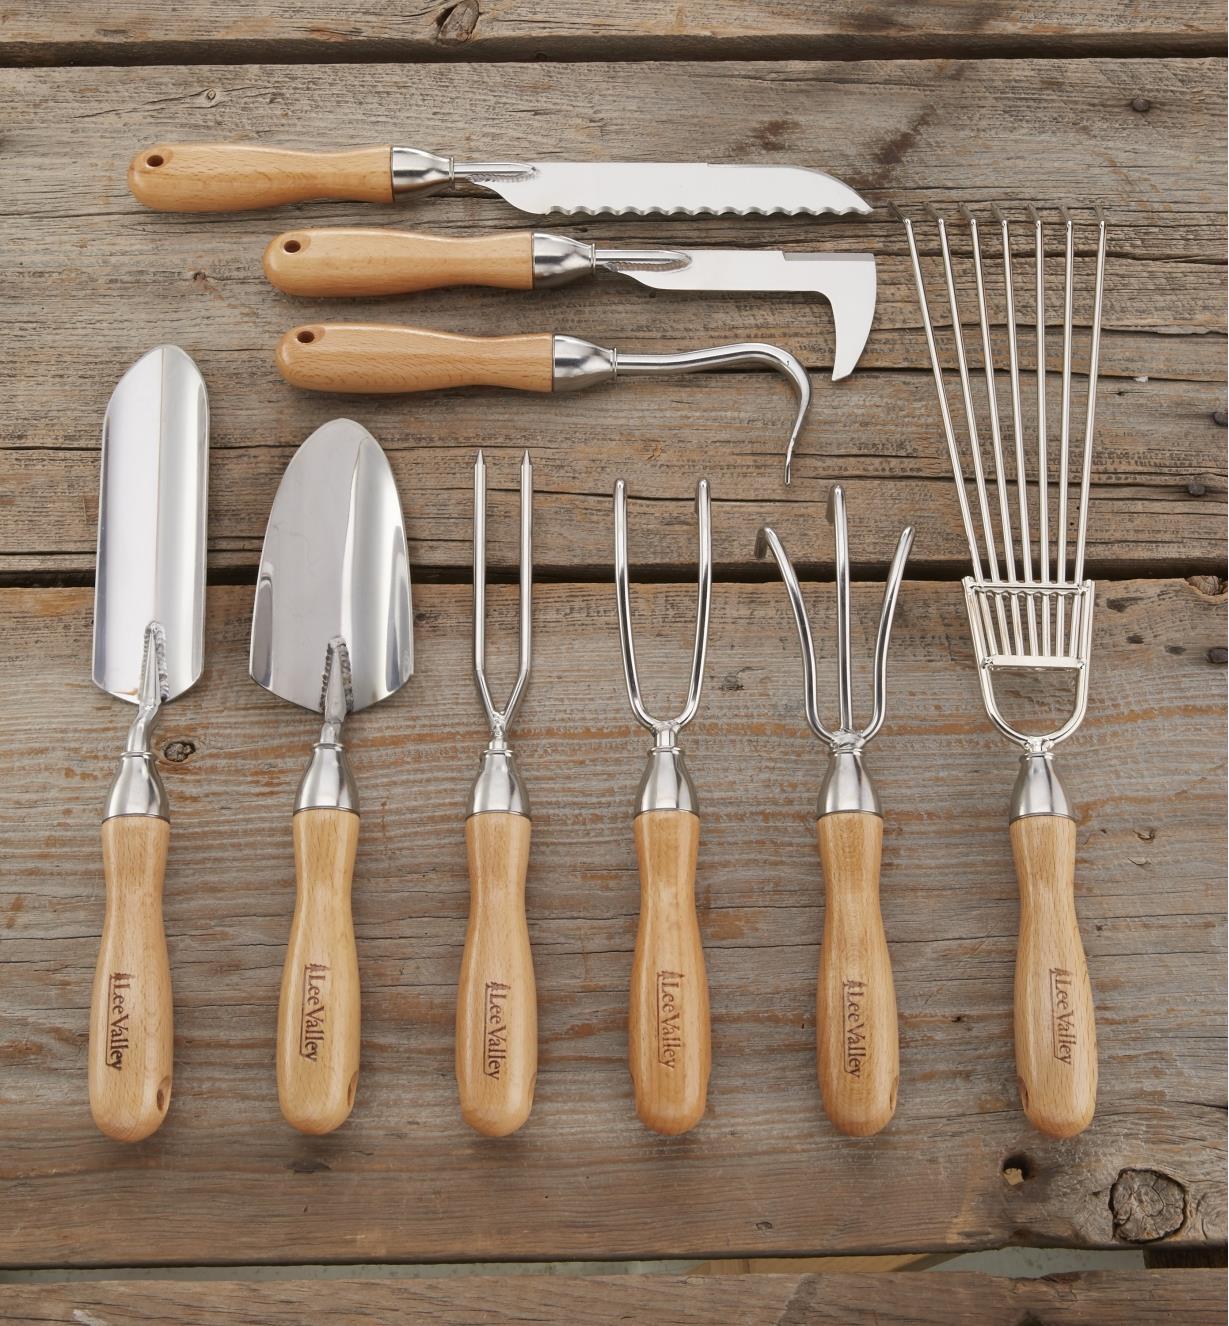 AB634 - Jeu de 9 outils de jardinage Lee Valley